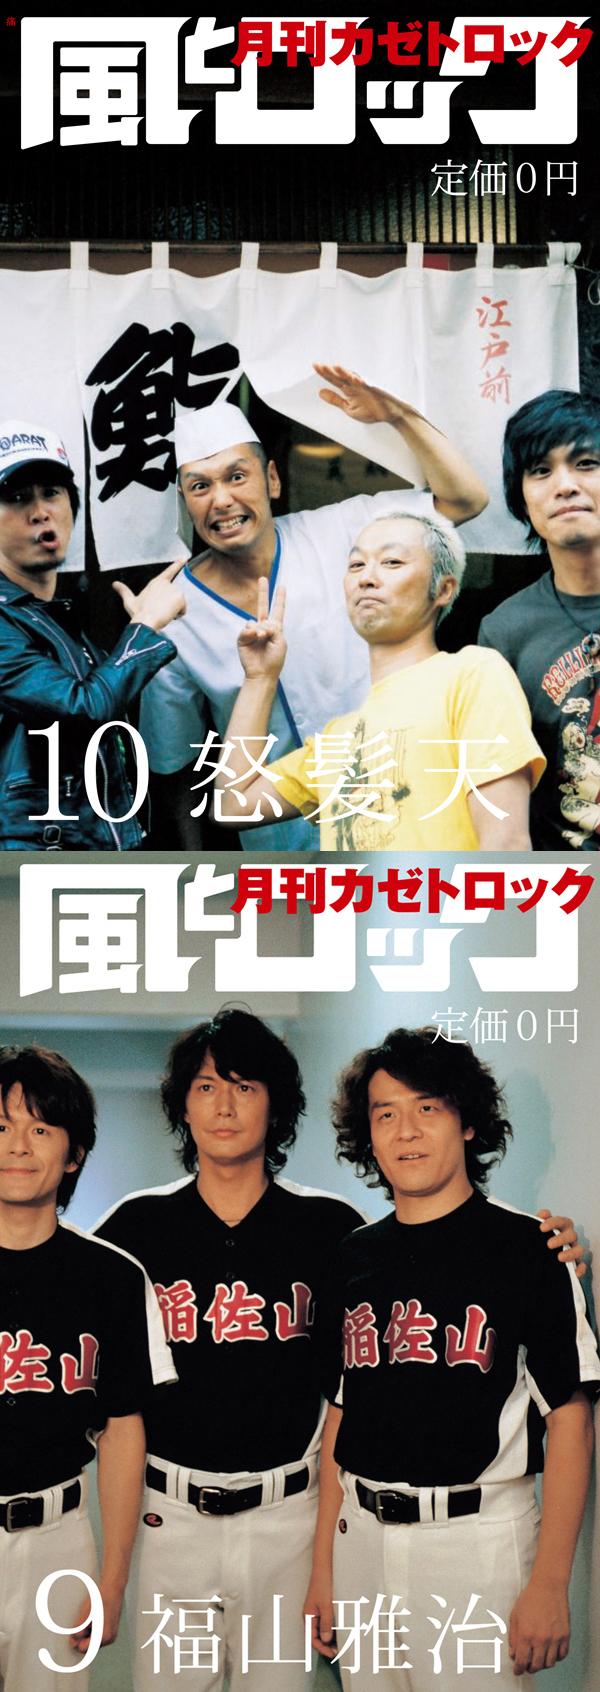 091003gekkan_.jpg